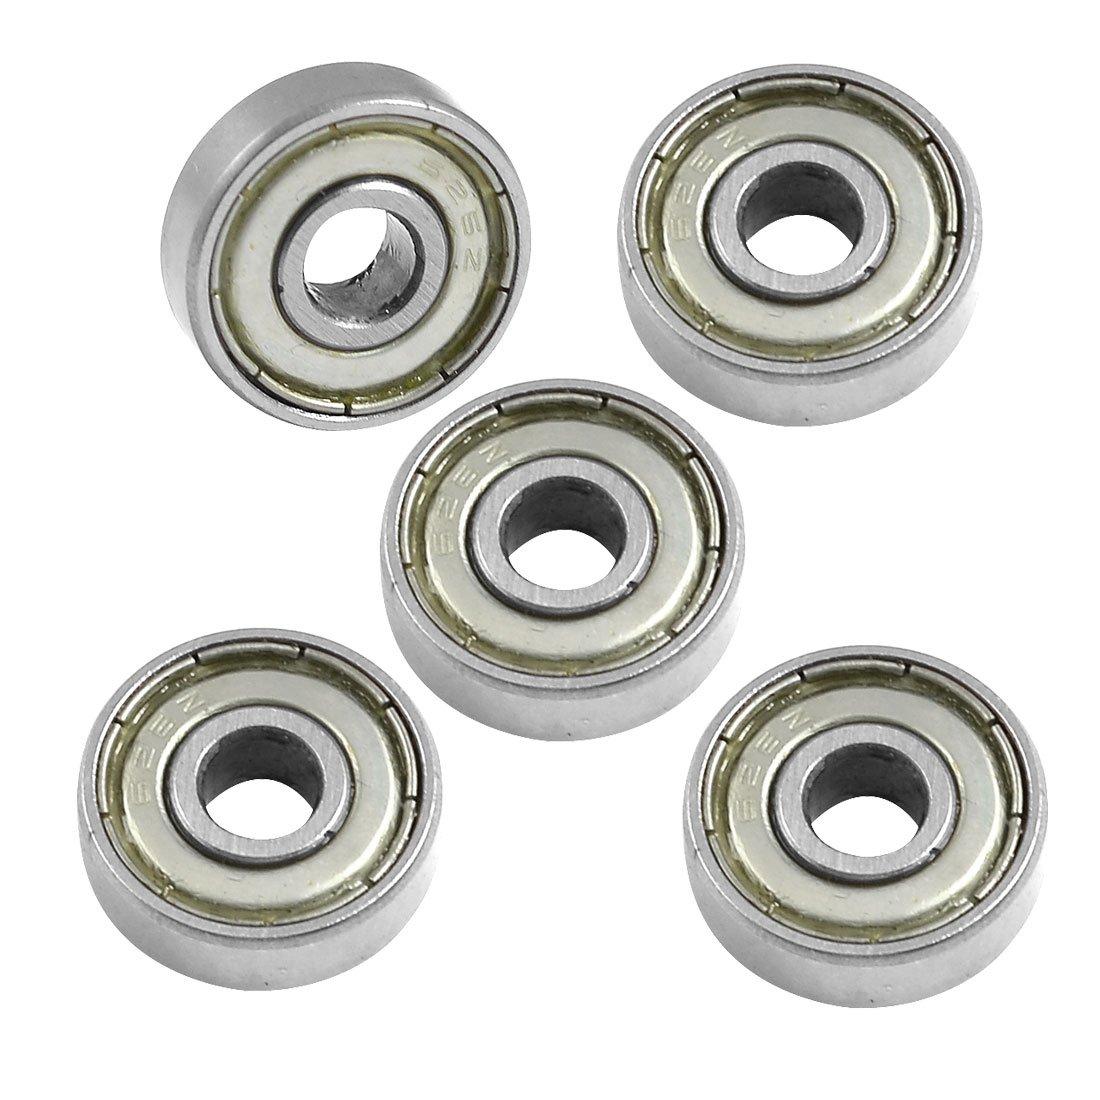 Sourcingmap A12060400UX0114 - Pack de 5 rodamientos de bolas (epó xido moldeado, 6 mm)